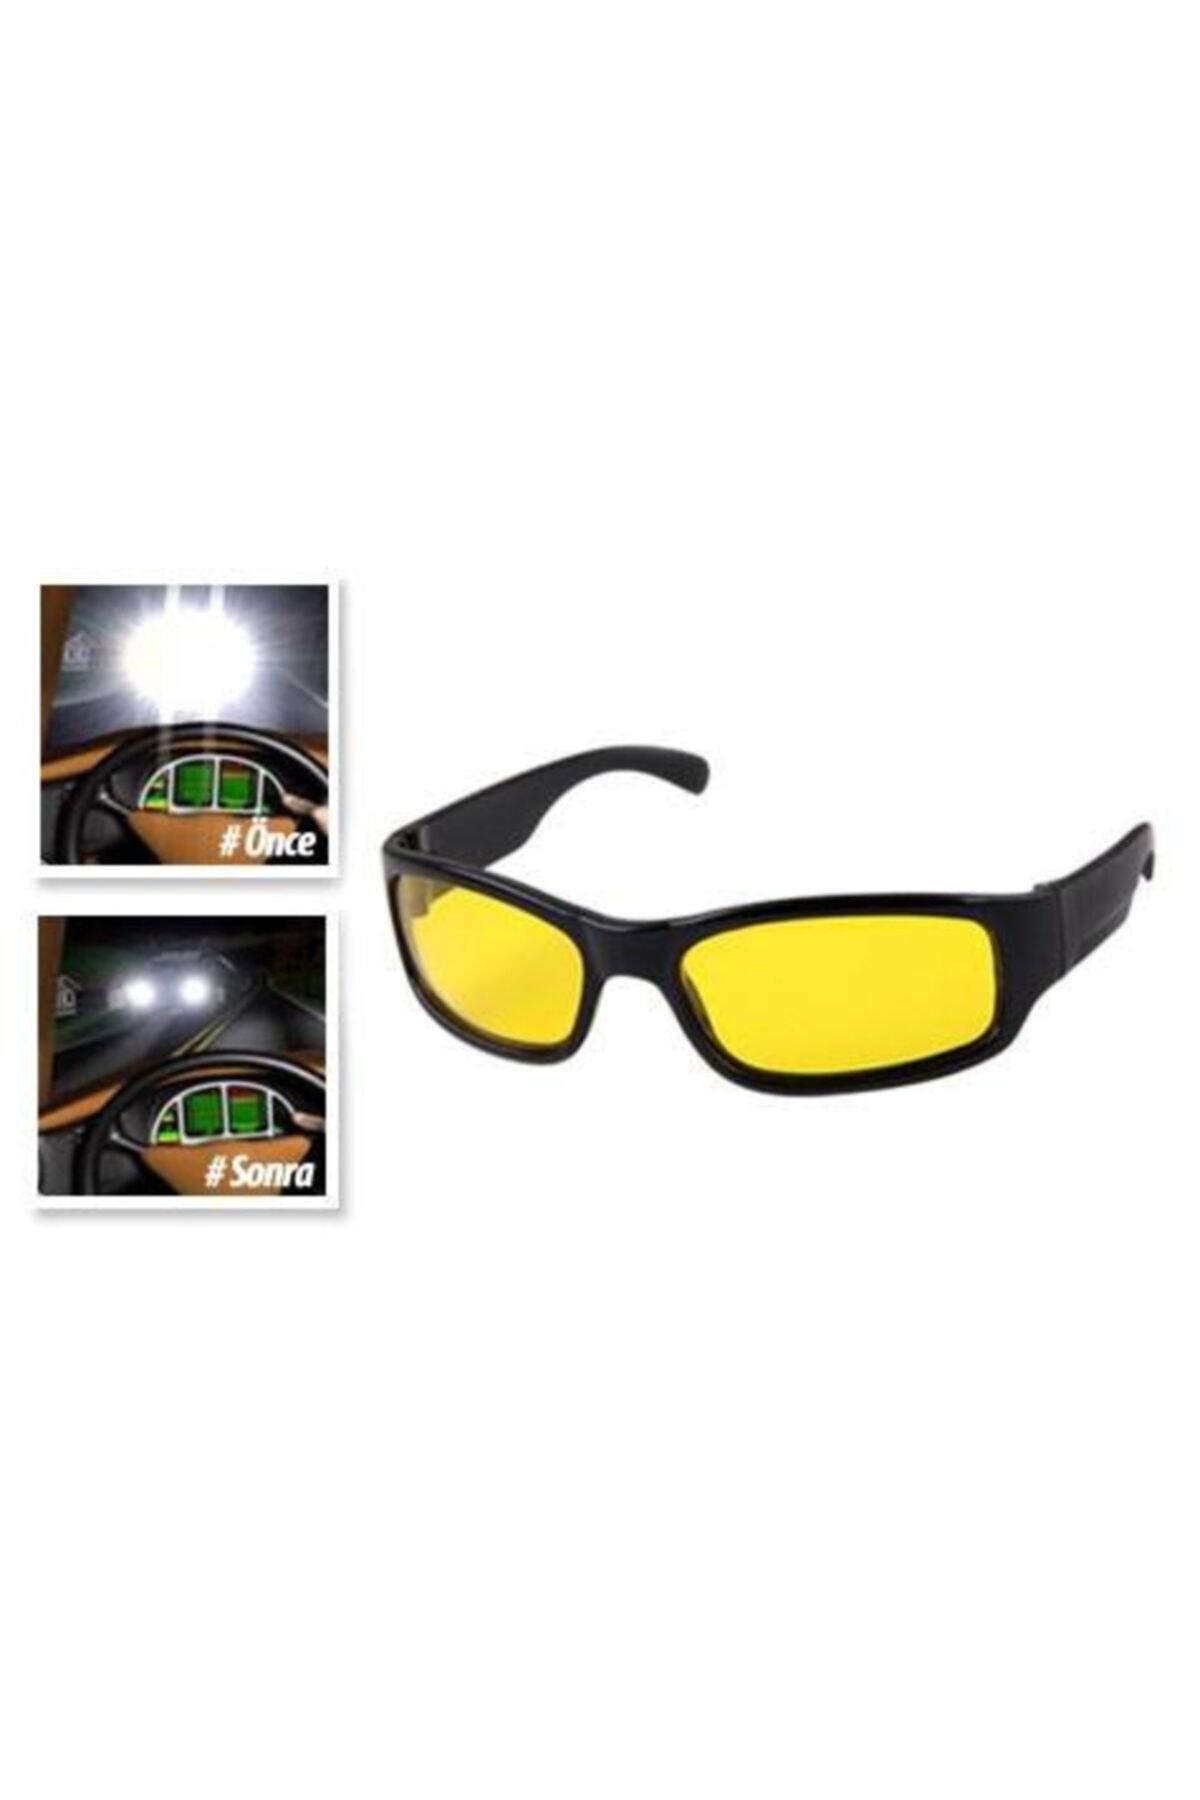 Çokuygunuz Araç Kullanımına Uygun Gece Görüşlü Gözlük 2